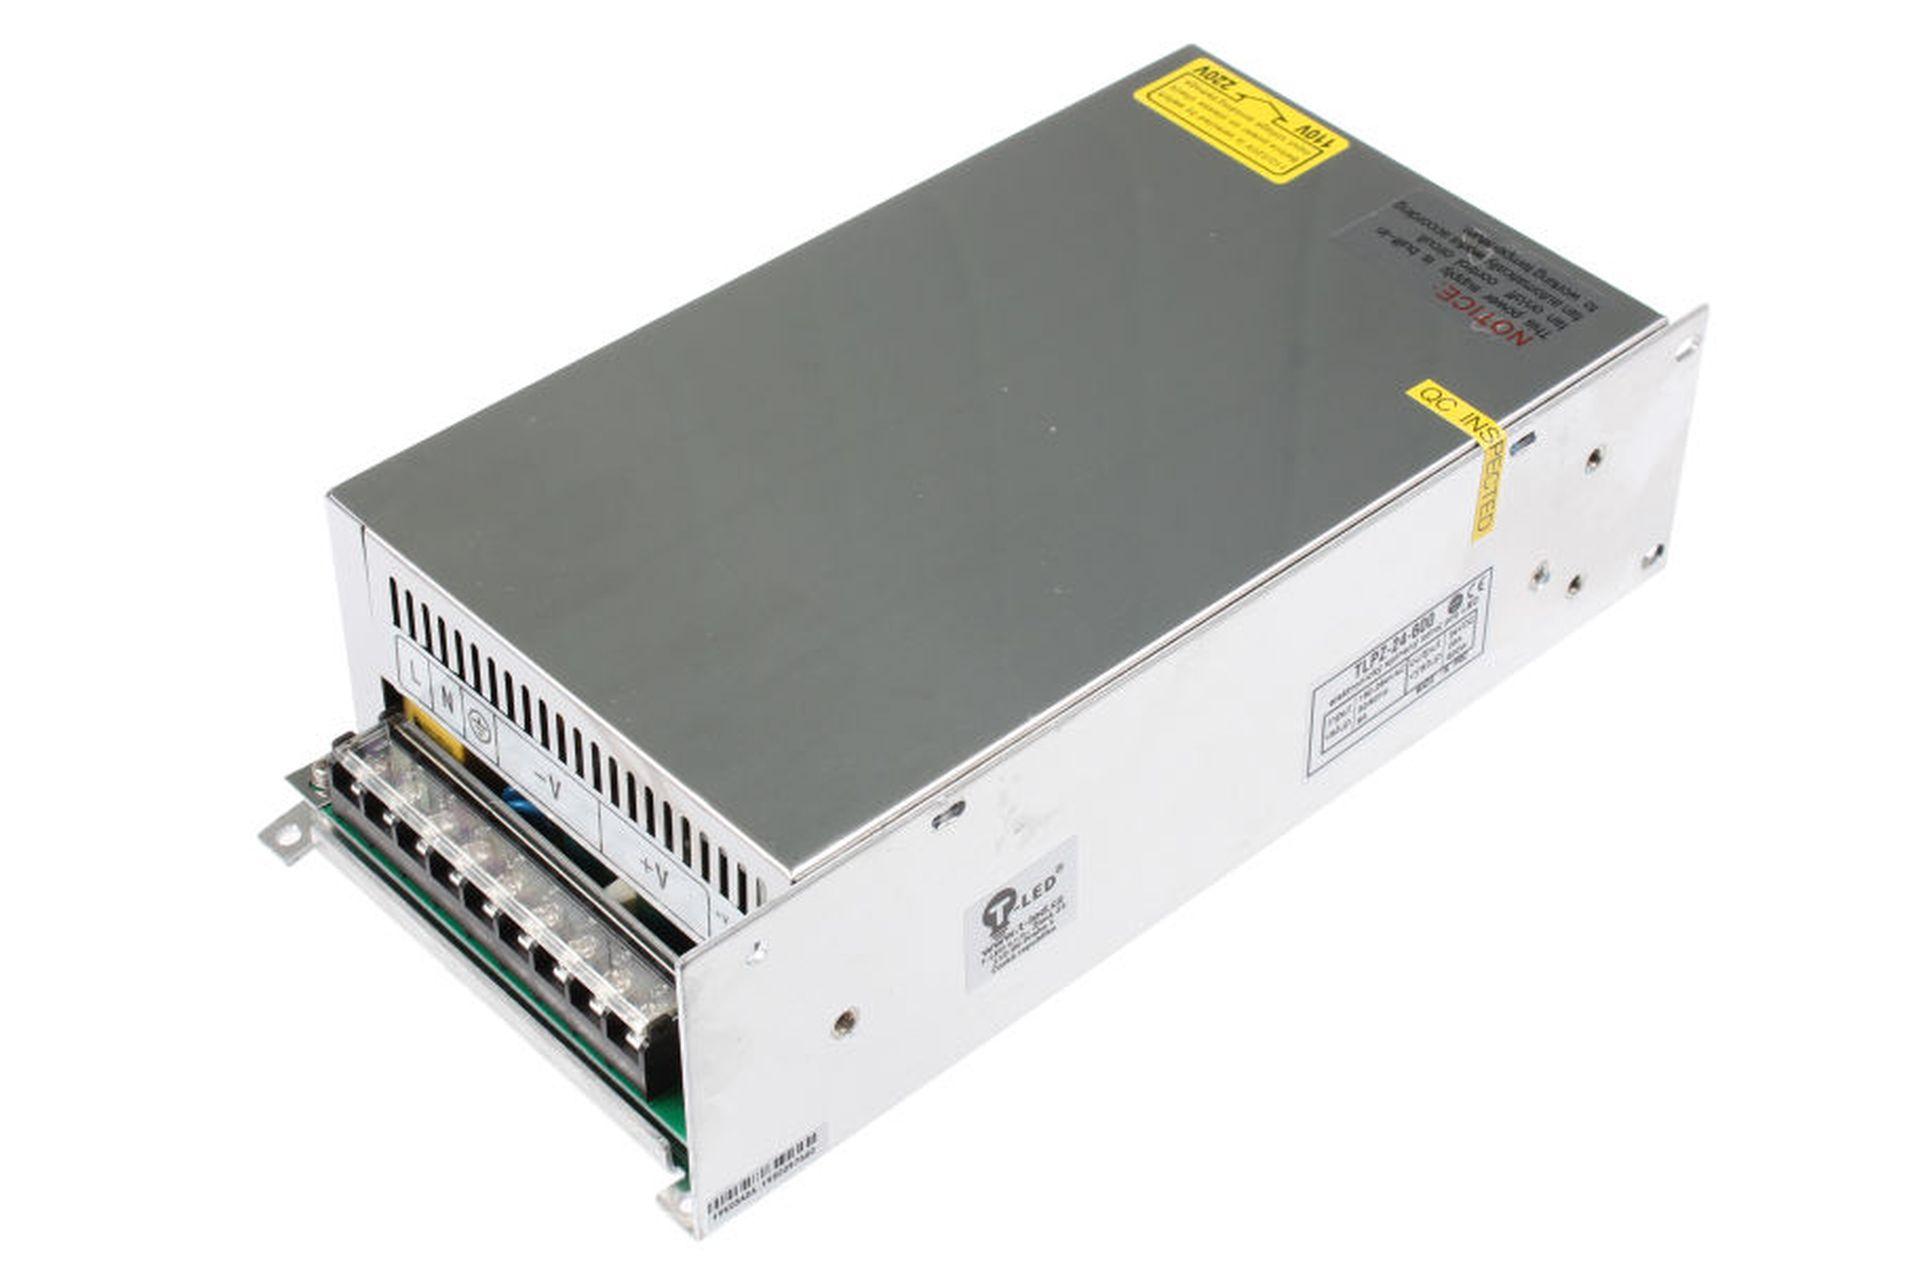 T-LED LED zdroj (trafo) 24V 600W - vnútorné 05528